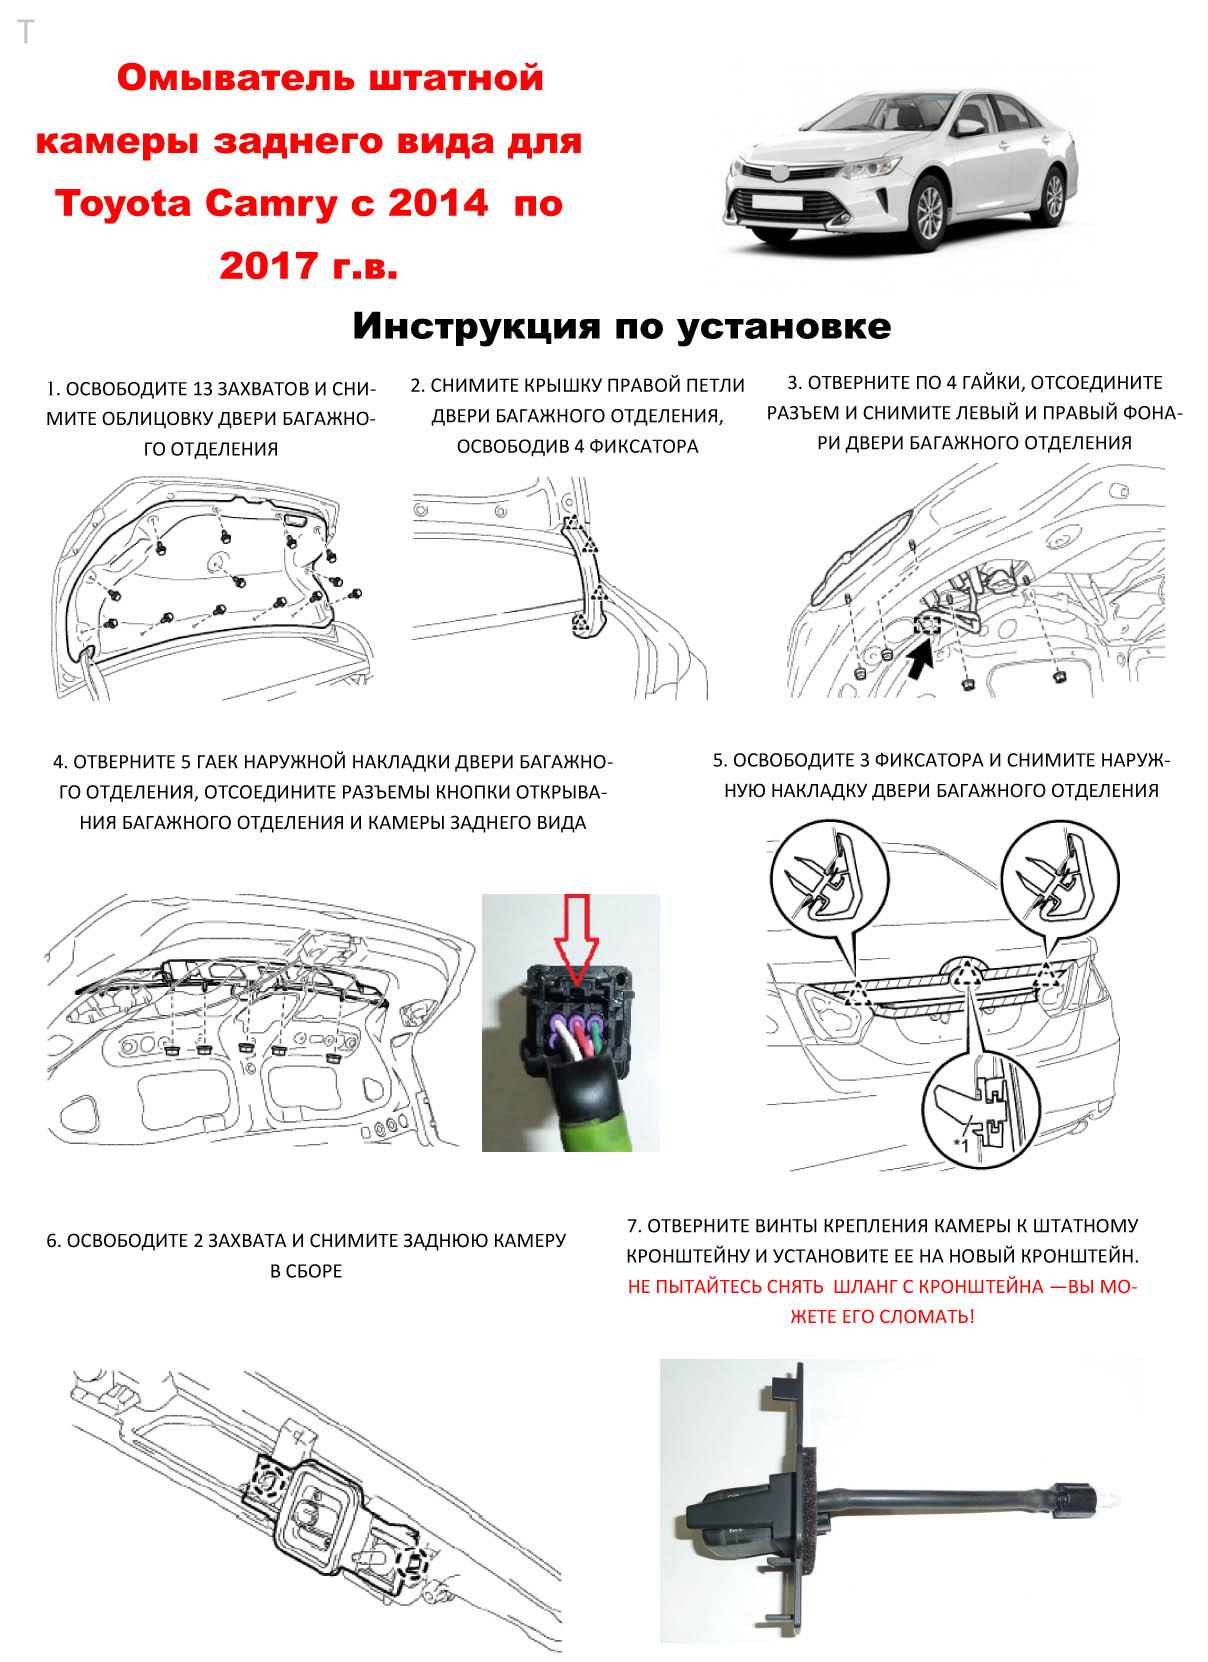 Инструкция по установке омывателя камеры заднего вида для Toyota Camry XV55